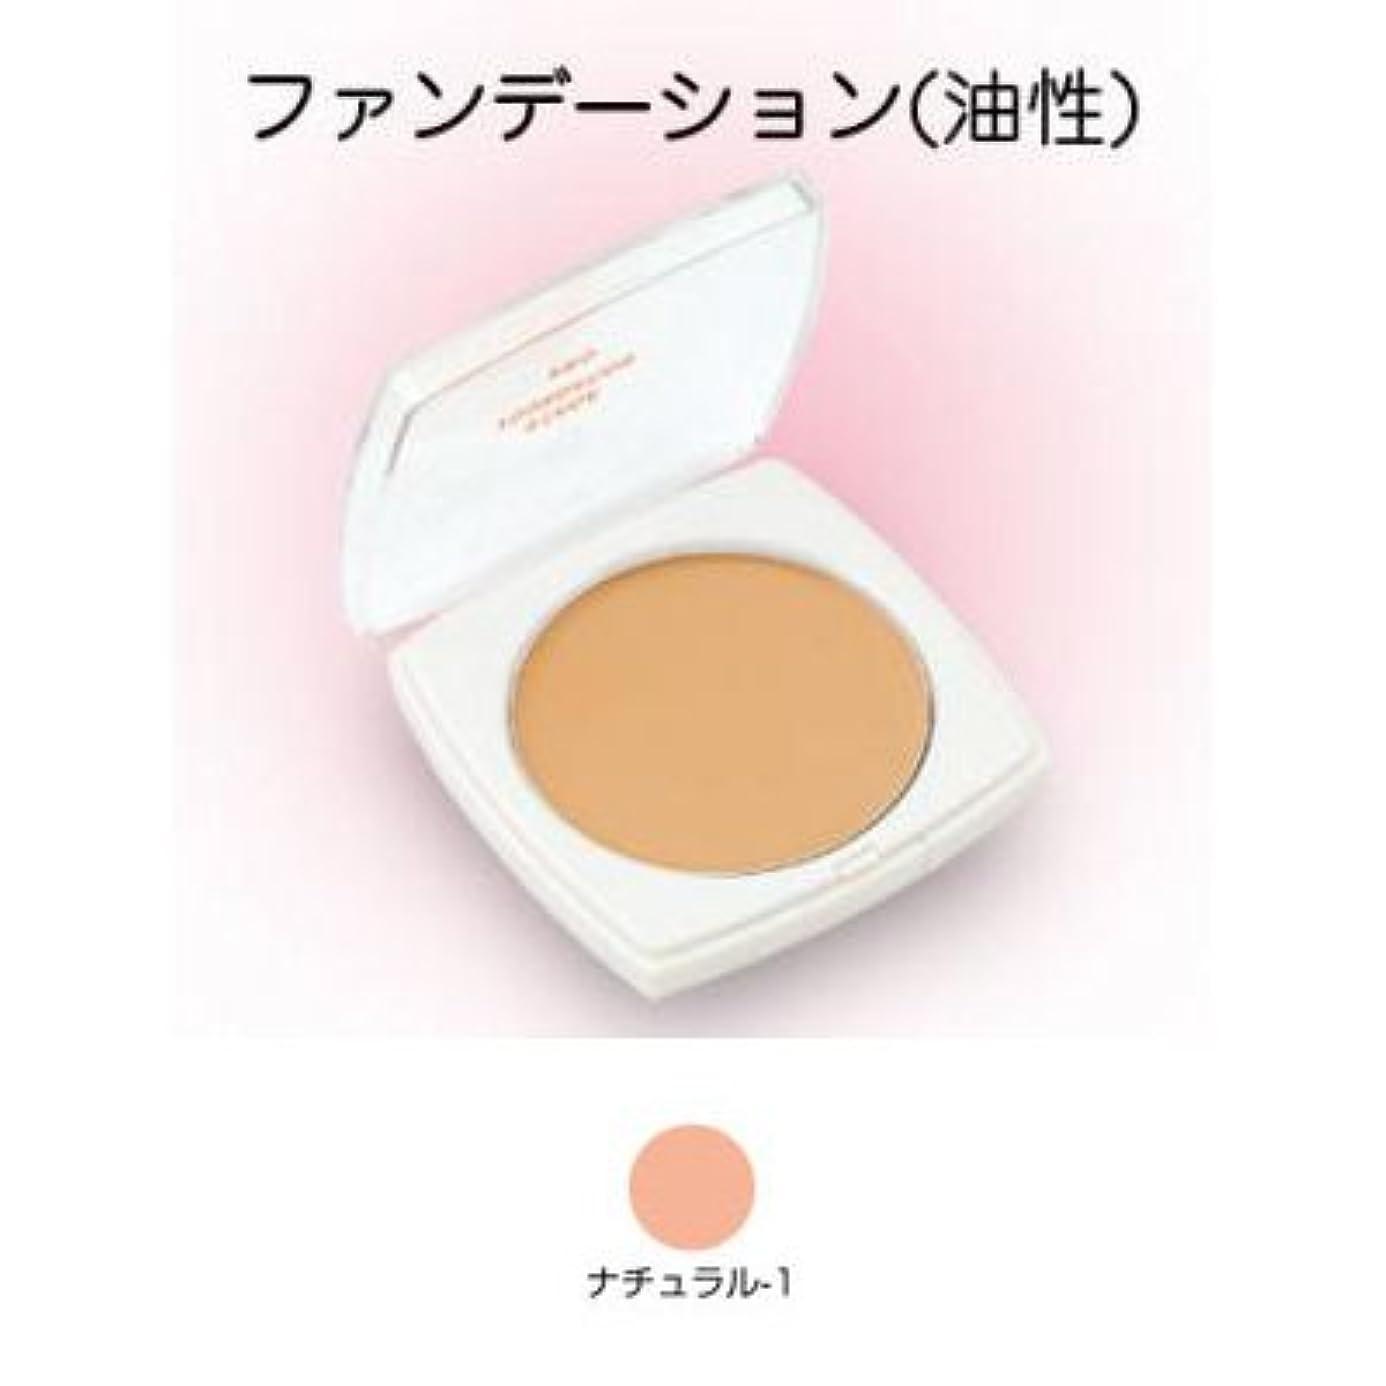 櫛区別する泣くステージファンデーション プロ 13g ナチュラル-1 【三善】